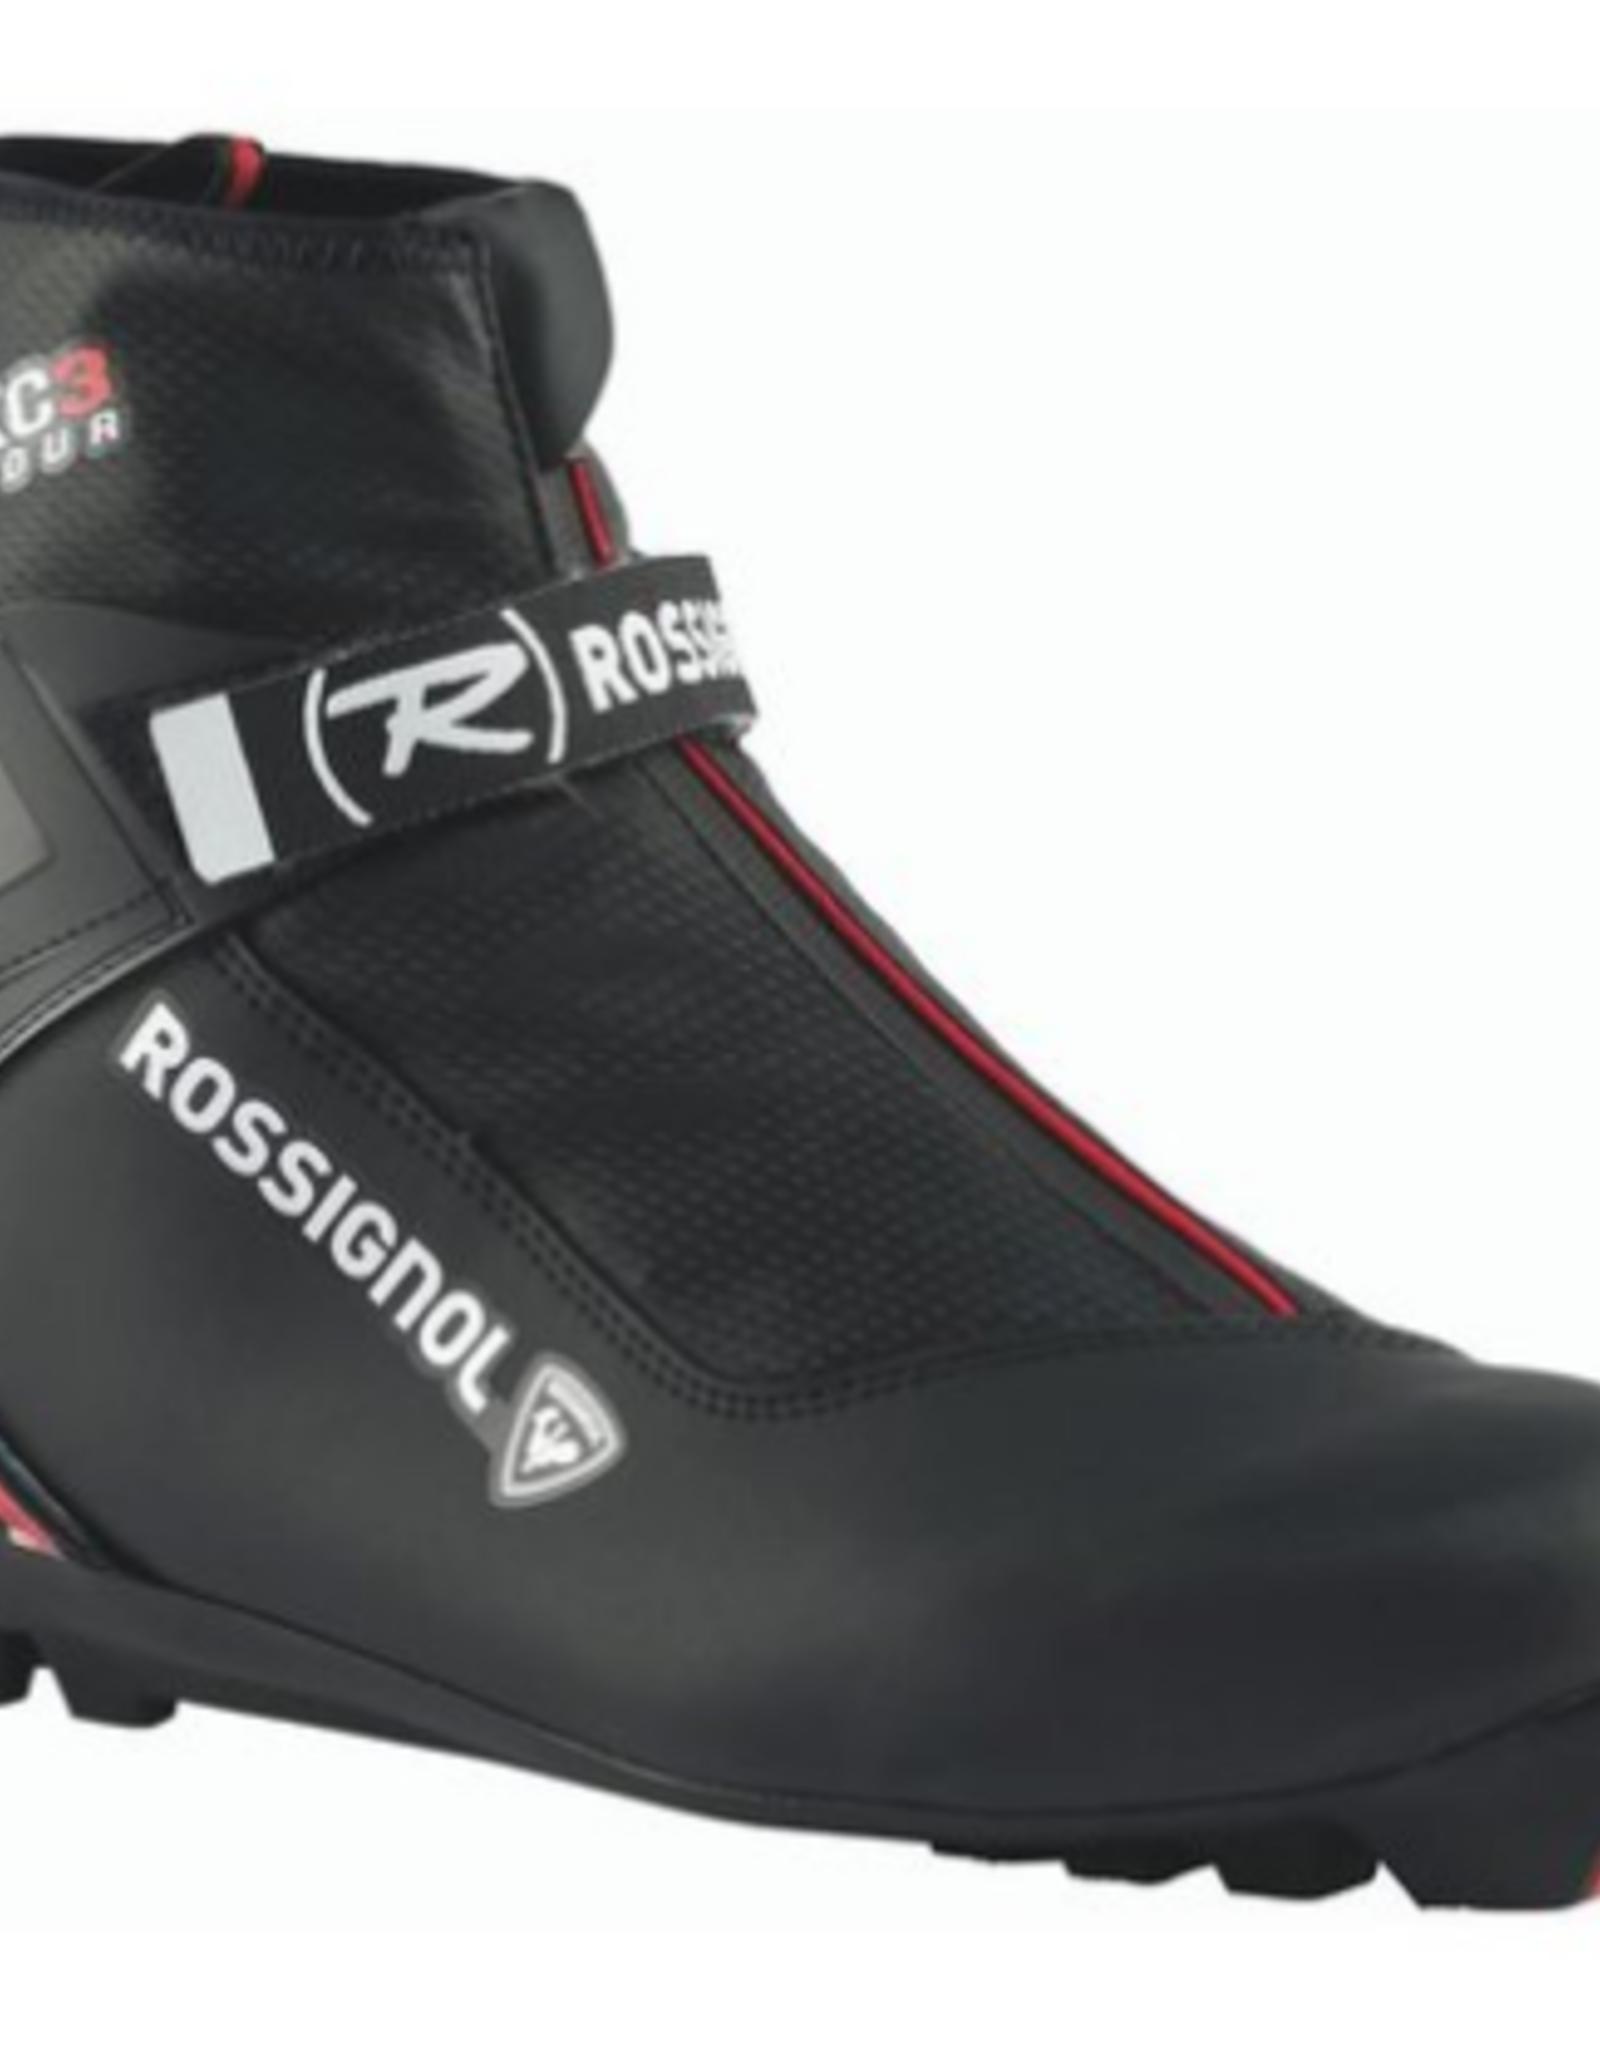 Rossignol Rossignol XC 3 FW 37 (6US)